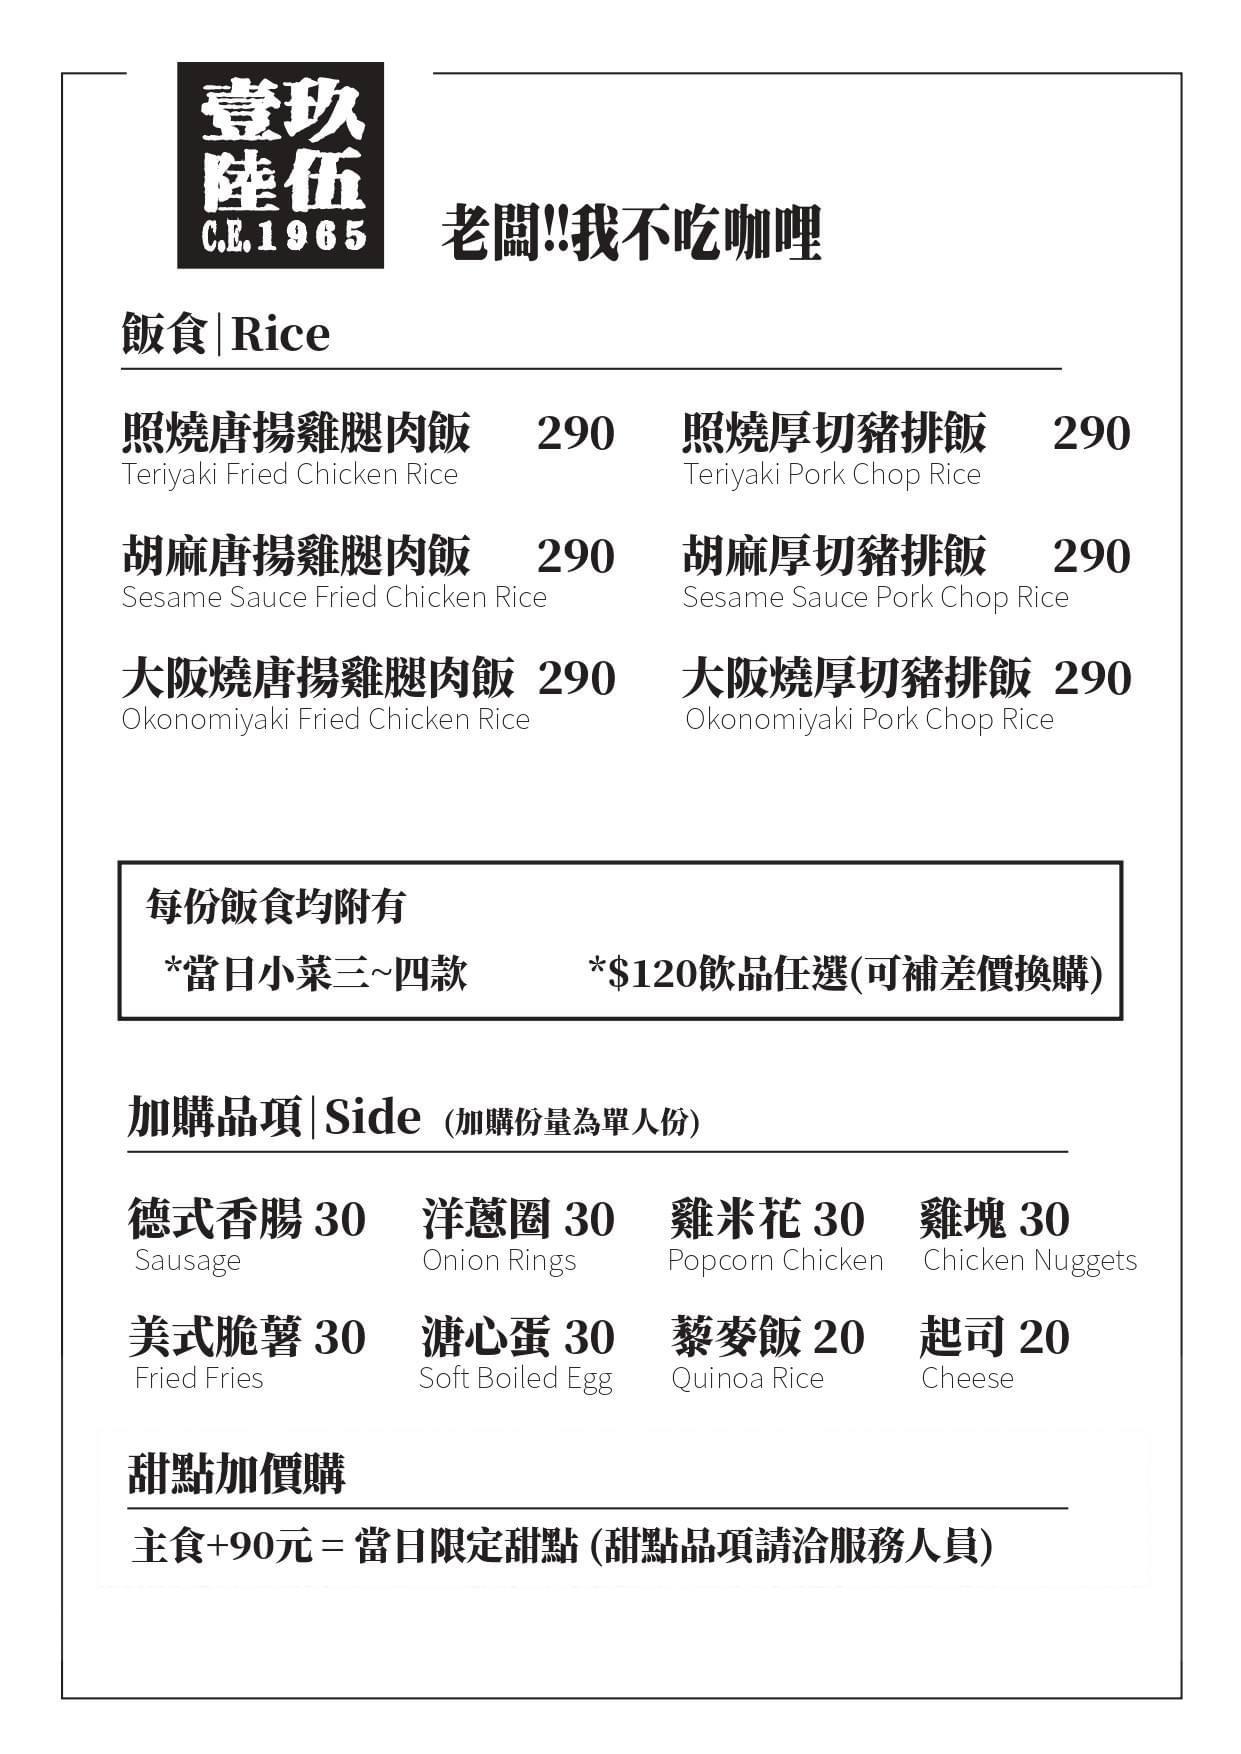 西元壹玖陸伍菜單MENU